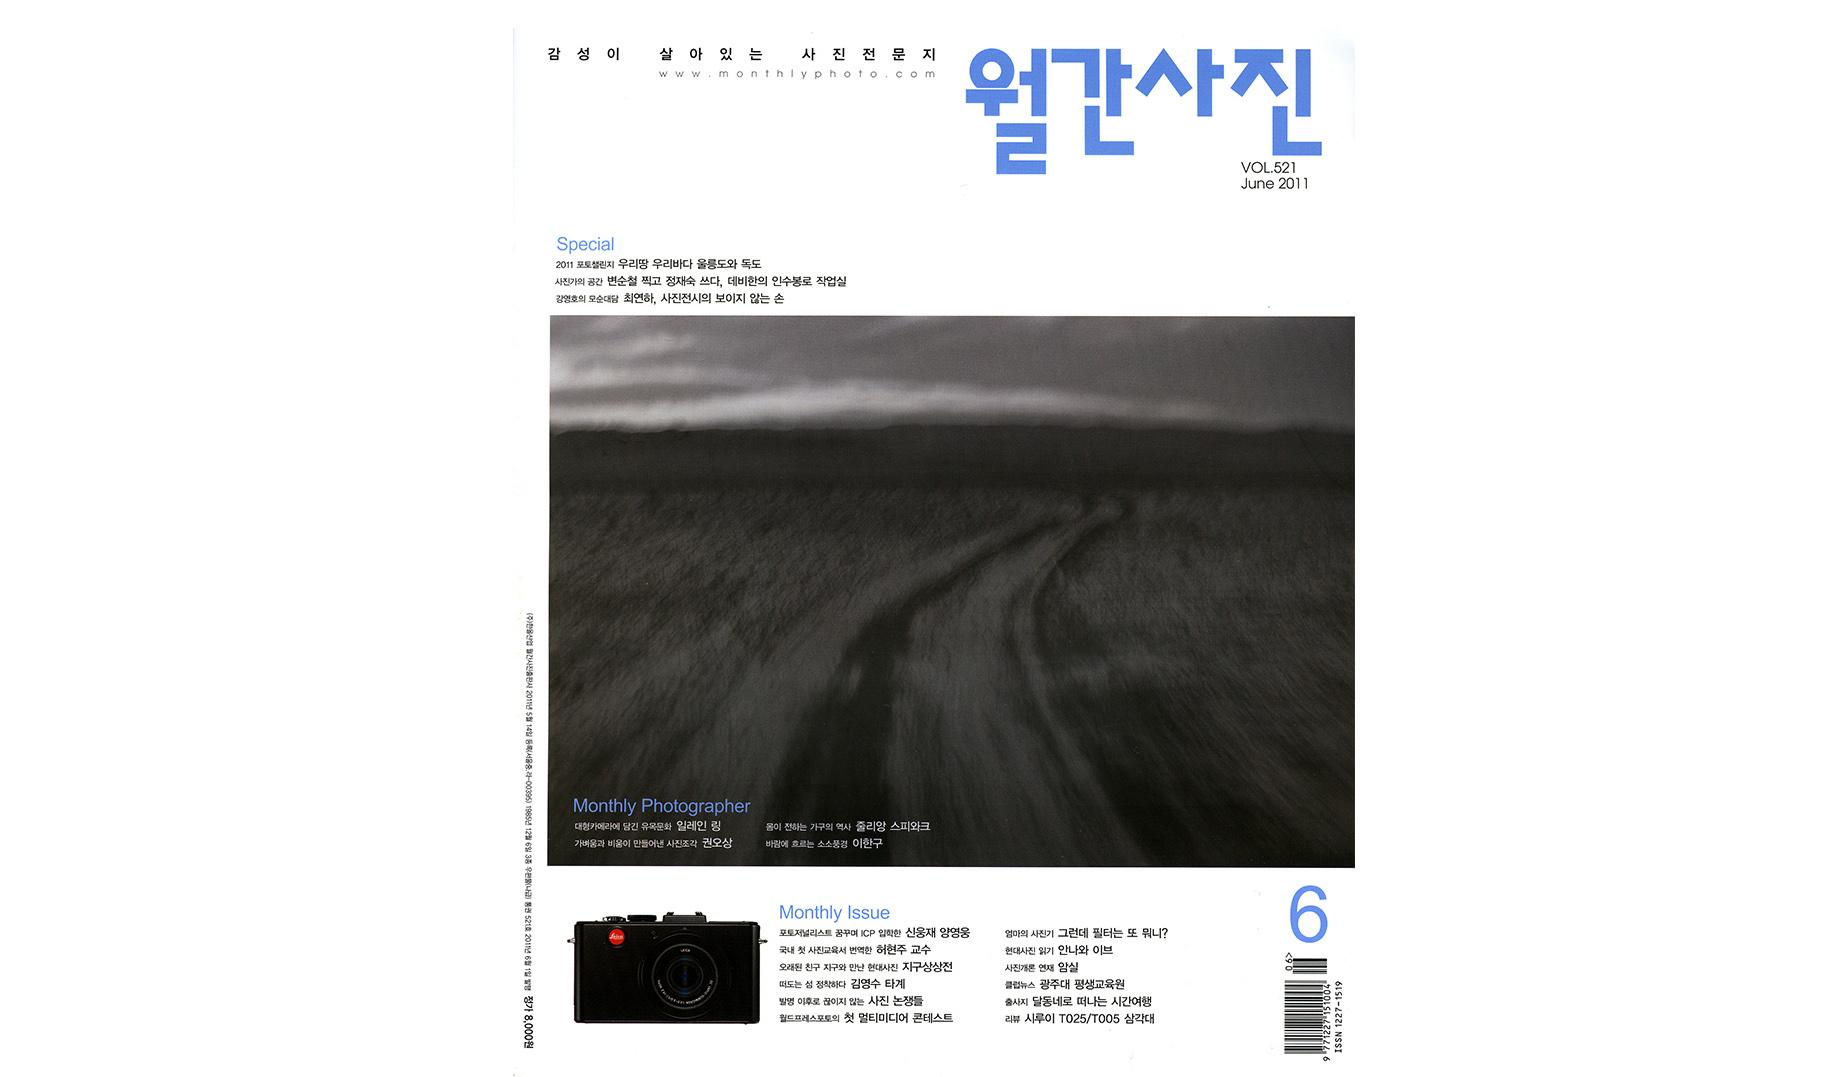 Montlhy Photo (South Korea) I